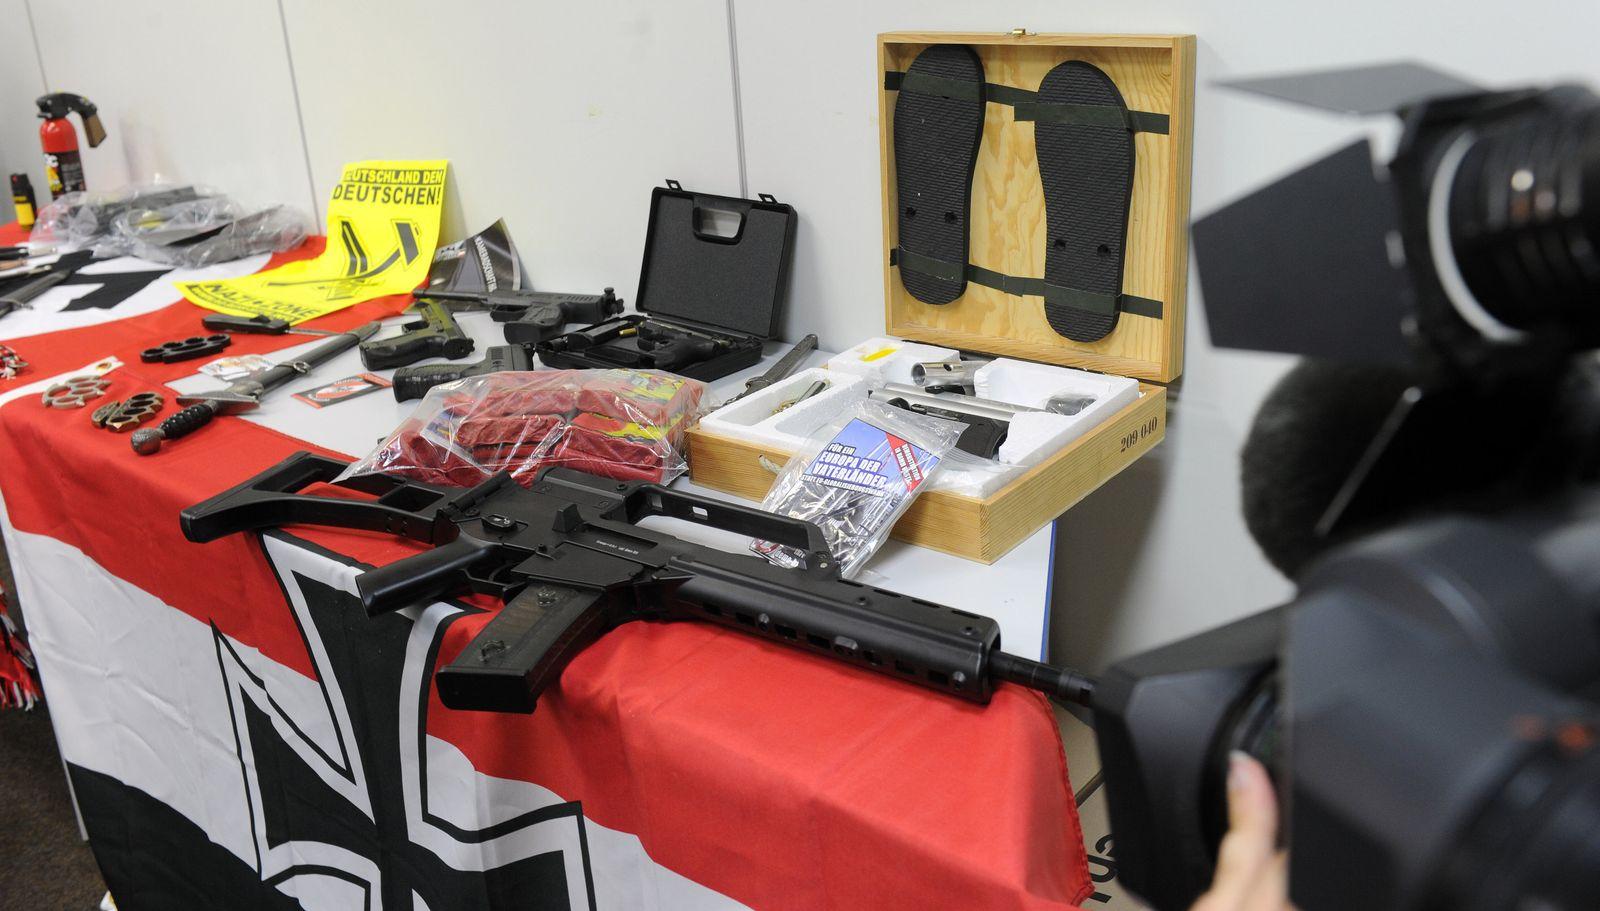 Dortmund/ Rechtsextremismus/ Razzia